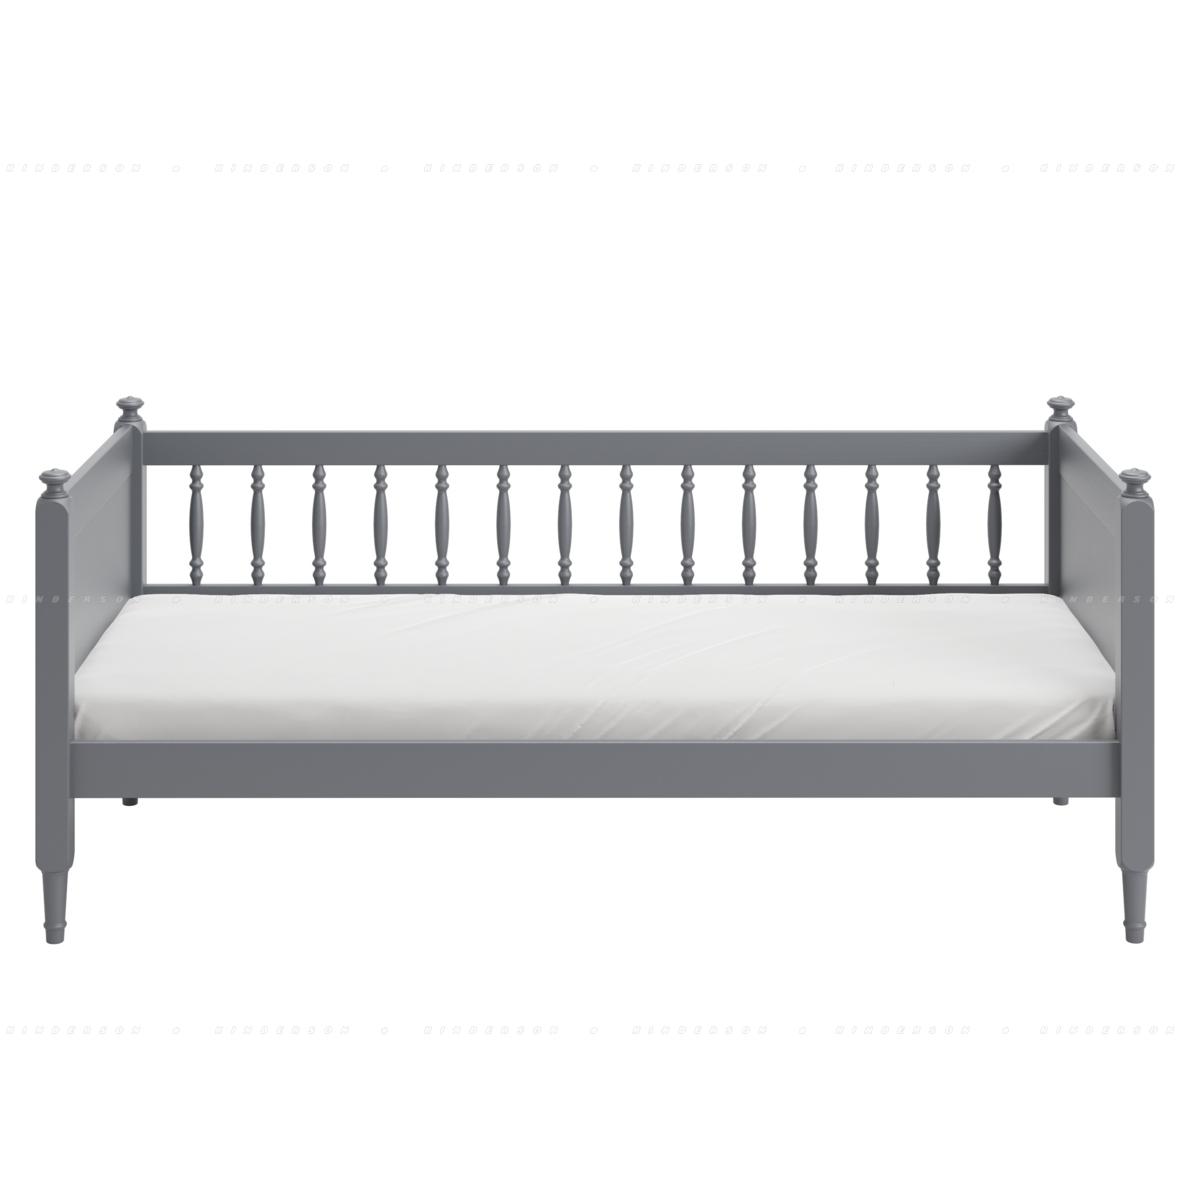 Бортик придает дополнительную жесткость конструкции кровати.